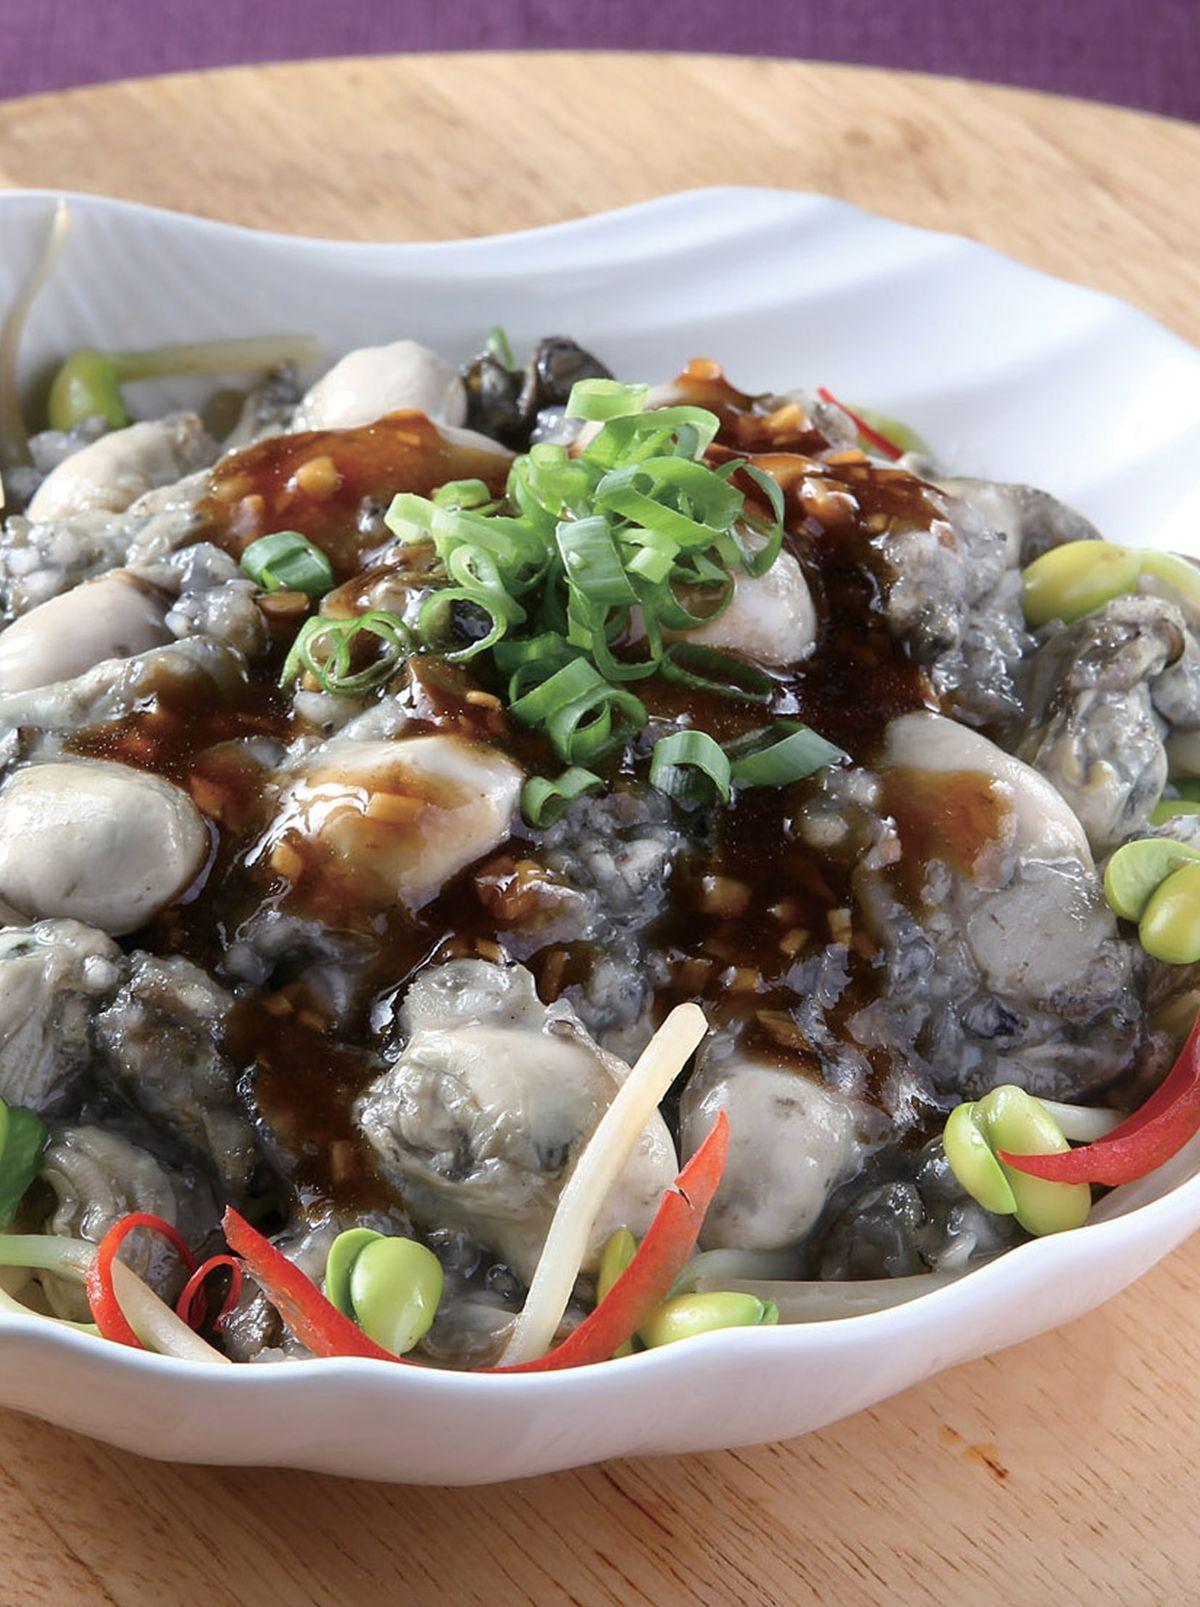 食譜:蒜蓉淋鮮蚵